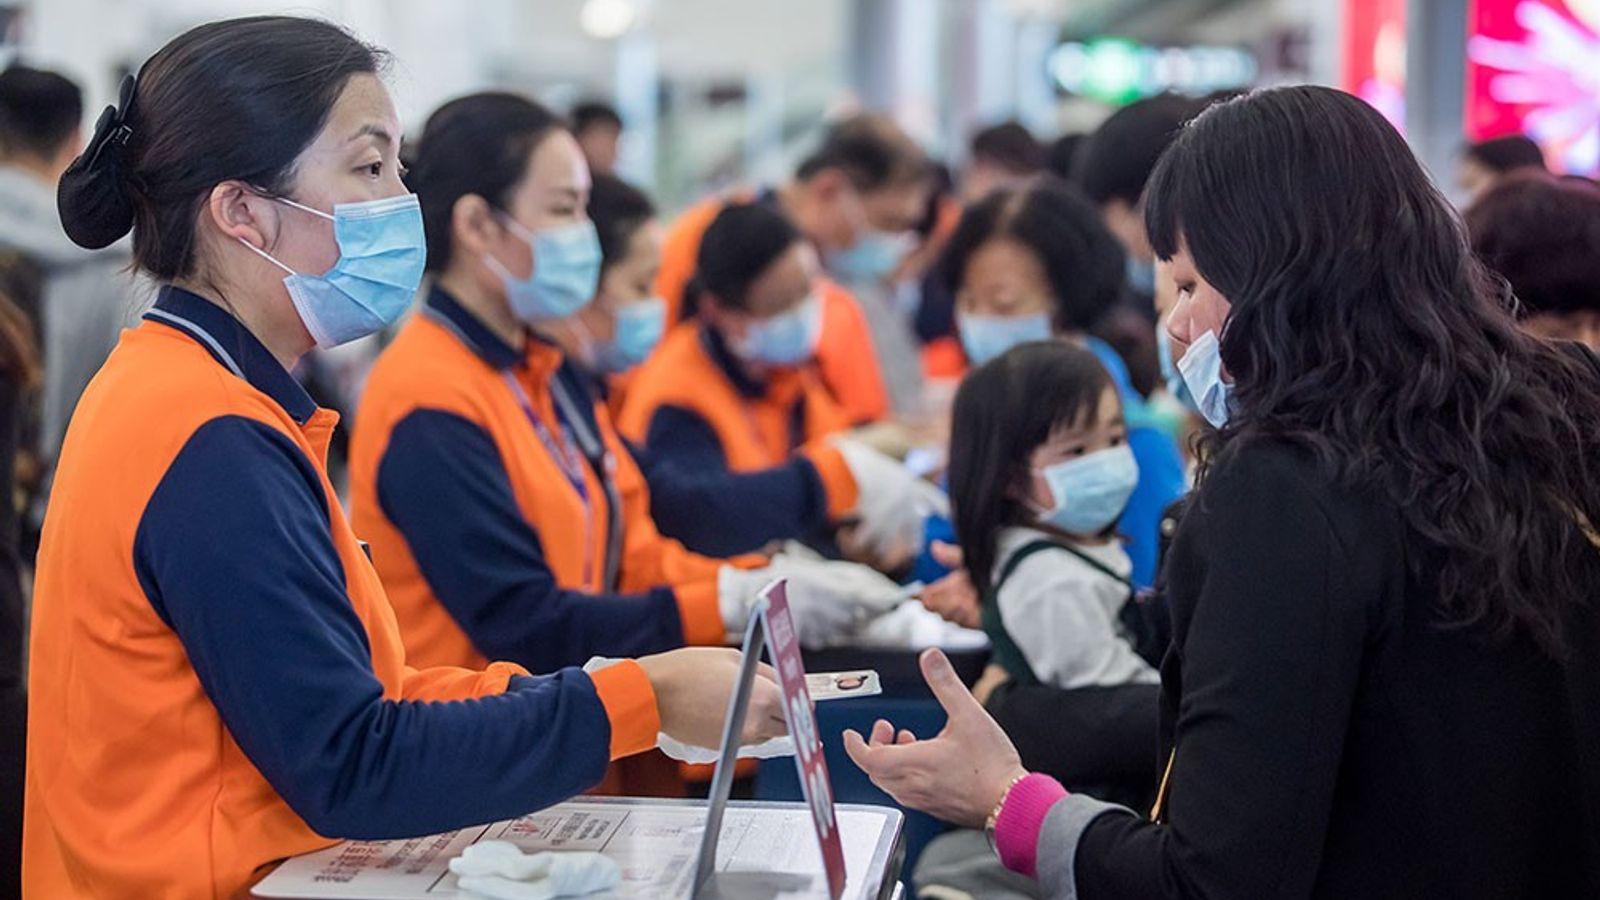 Os trabalhadores ferroviários de Hong Kong, com coletes cor de laranja e máscaras faciais, verificam as ...